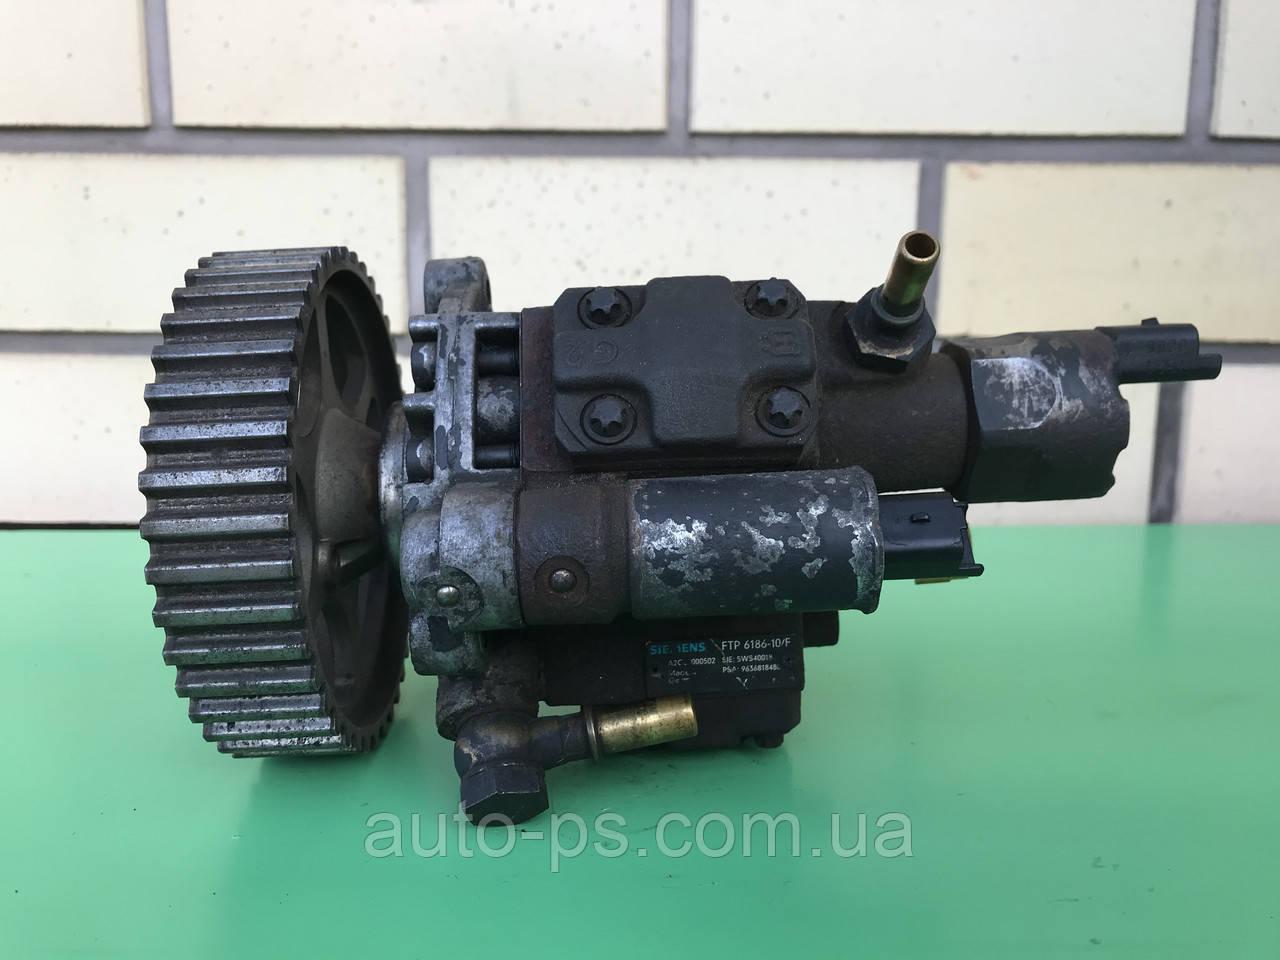 Топливный насос высокого давления (ТНВД) Citroen Berlingo 2.0HDi 1999-2005 год.